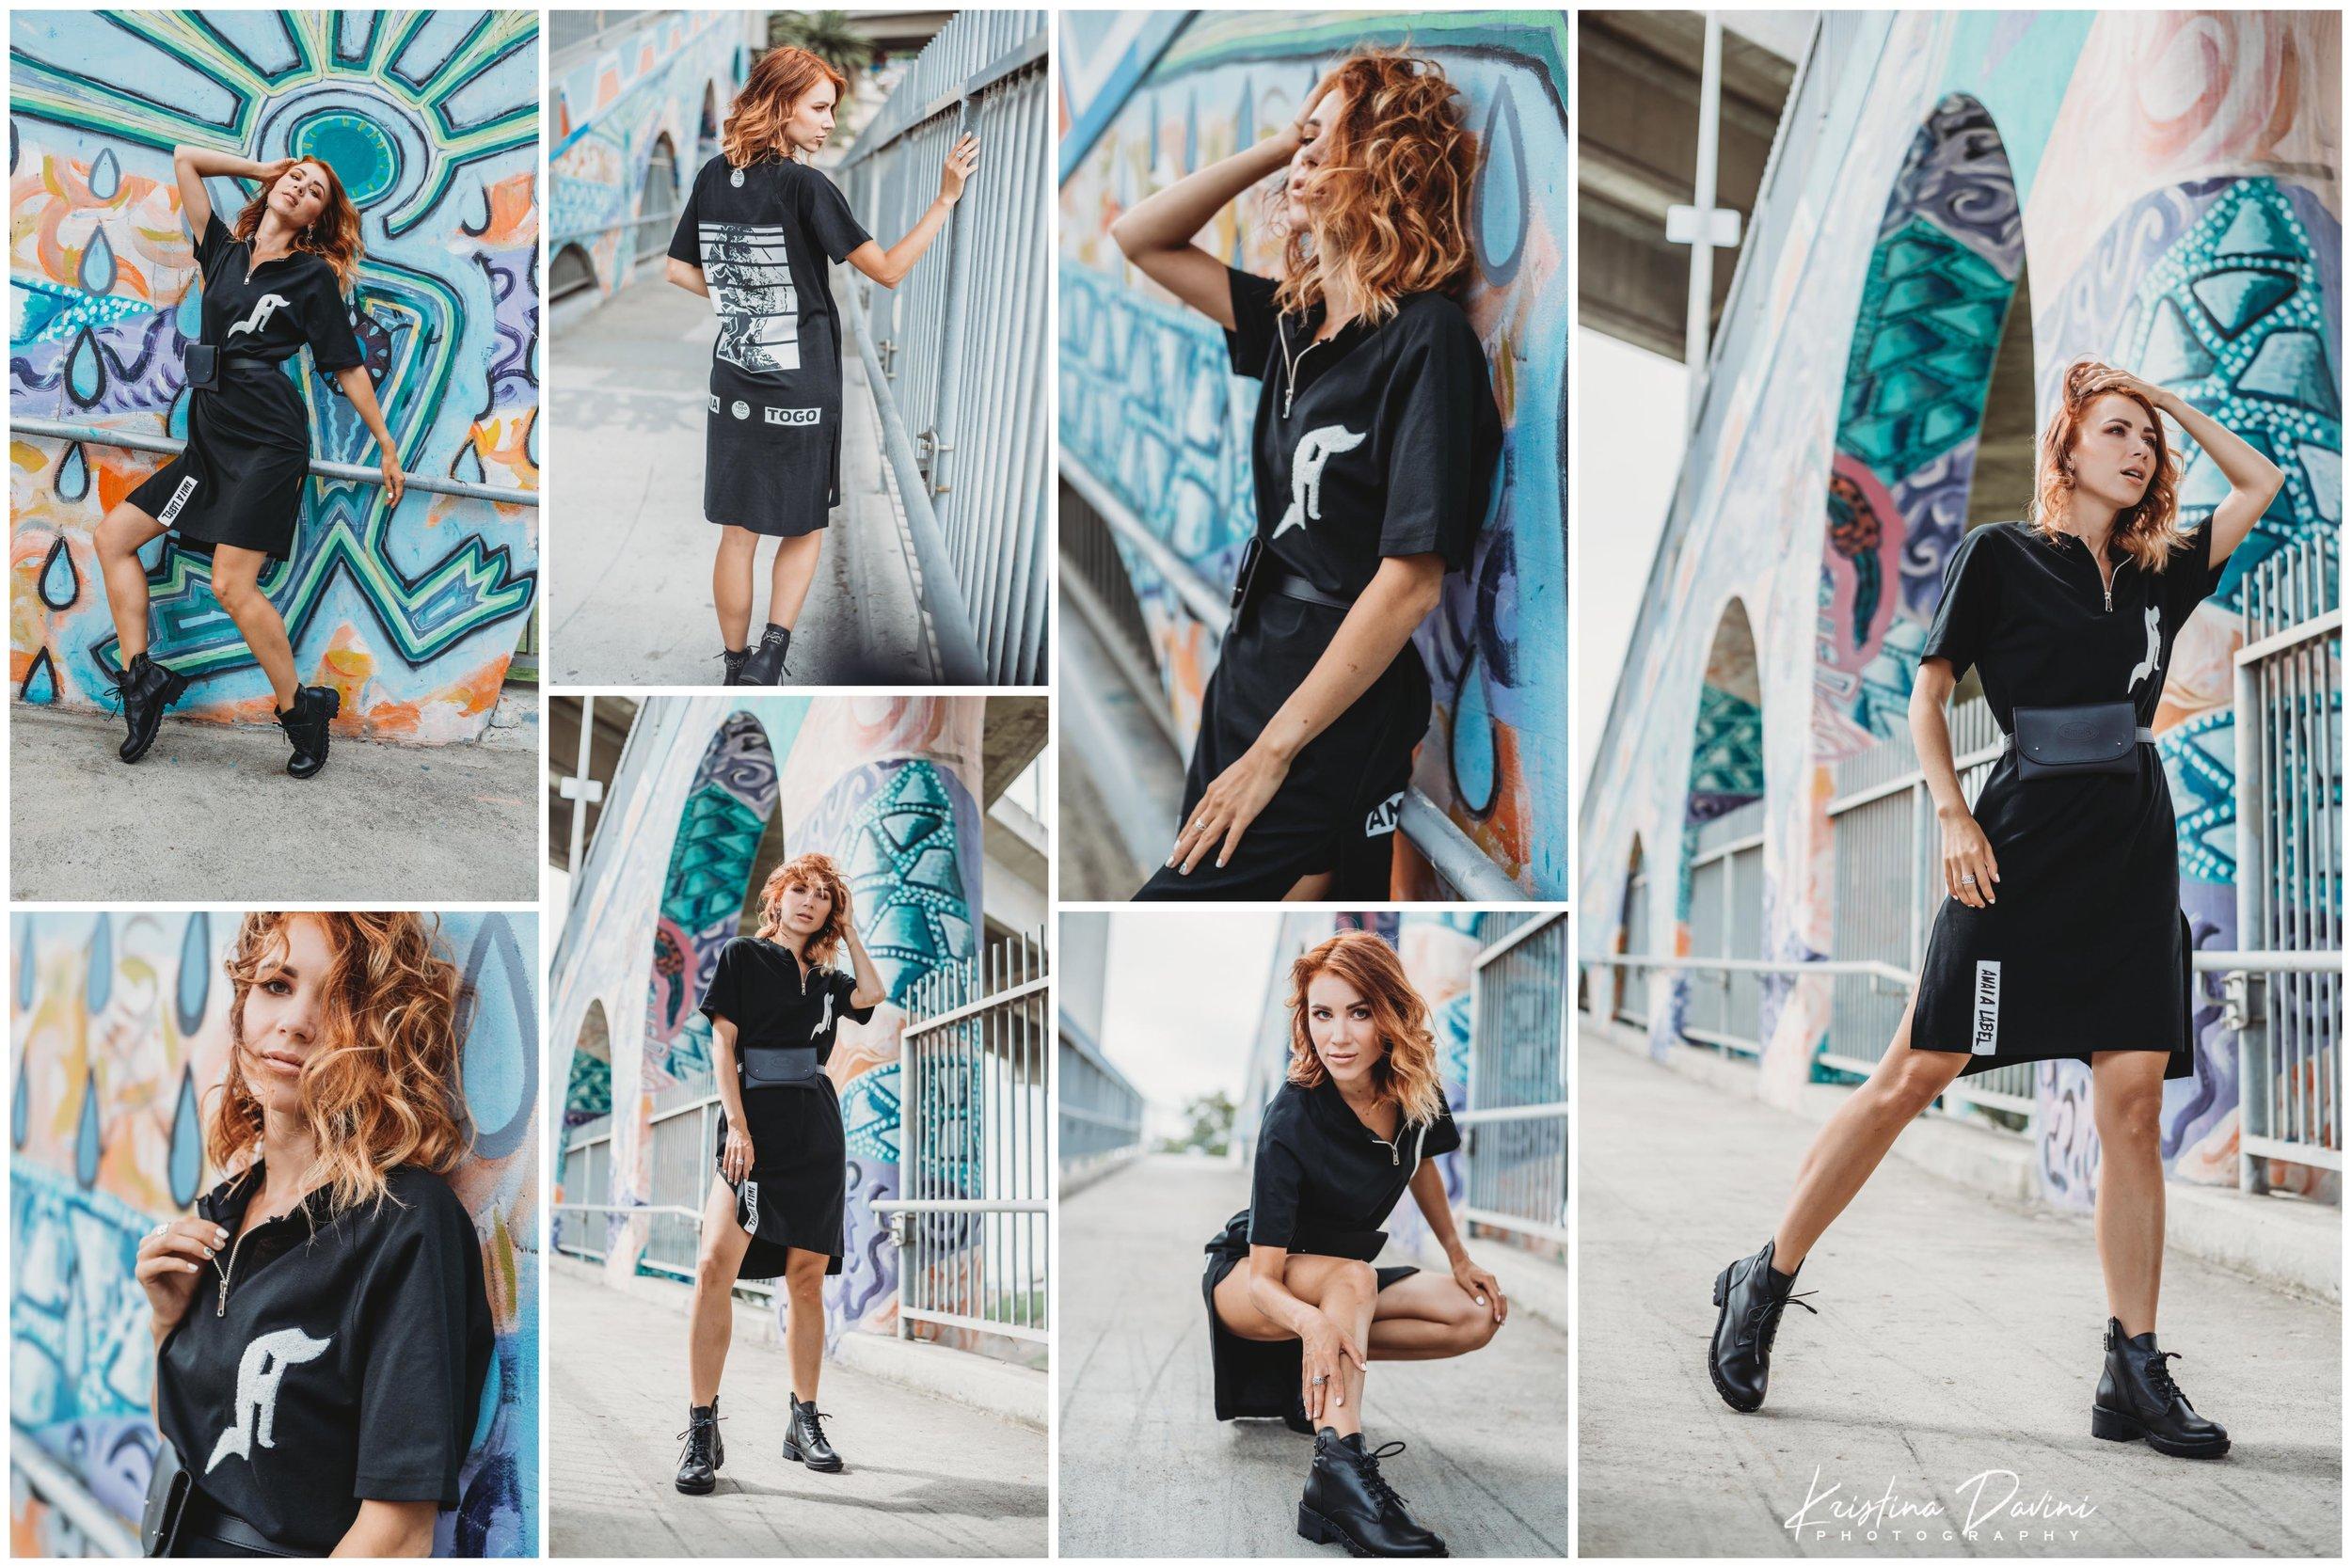 Graffiti urban shoot